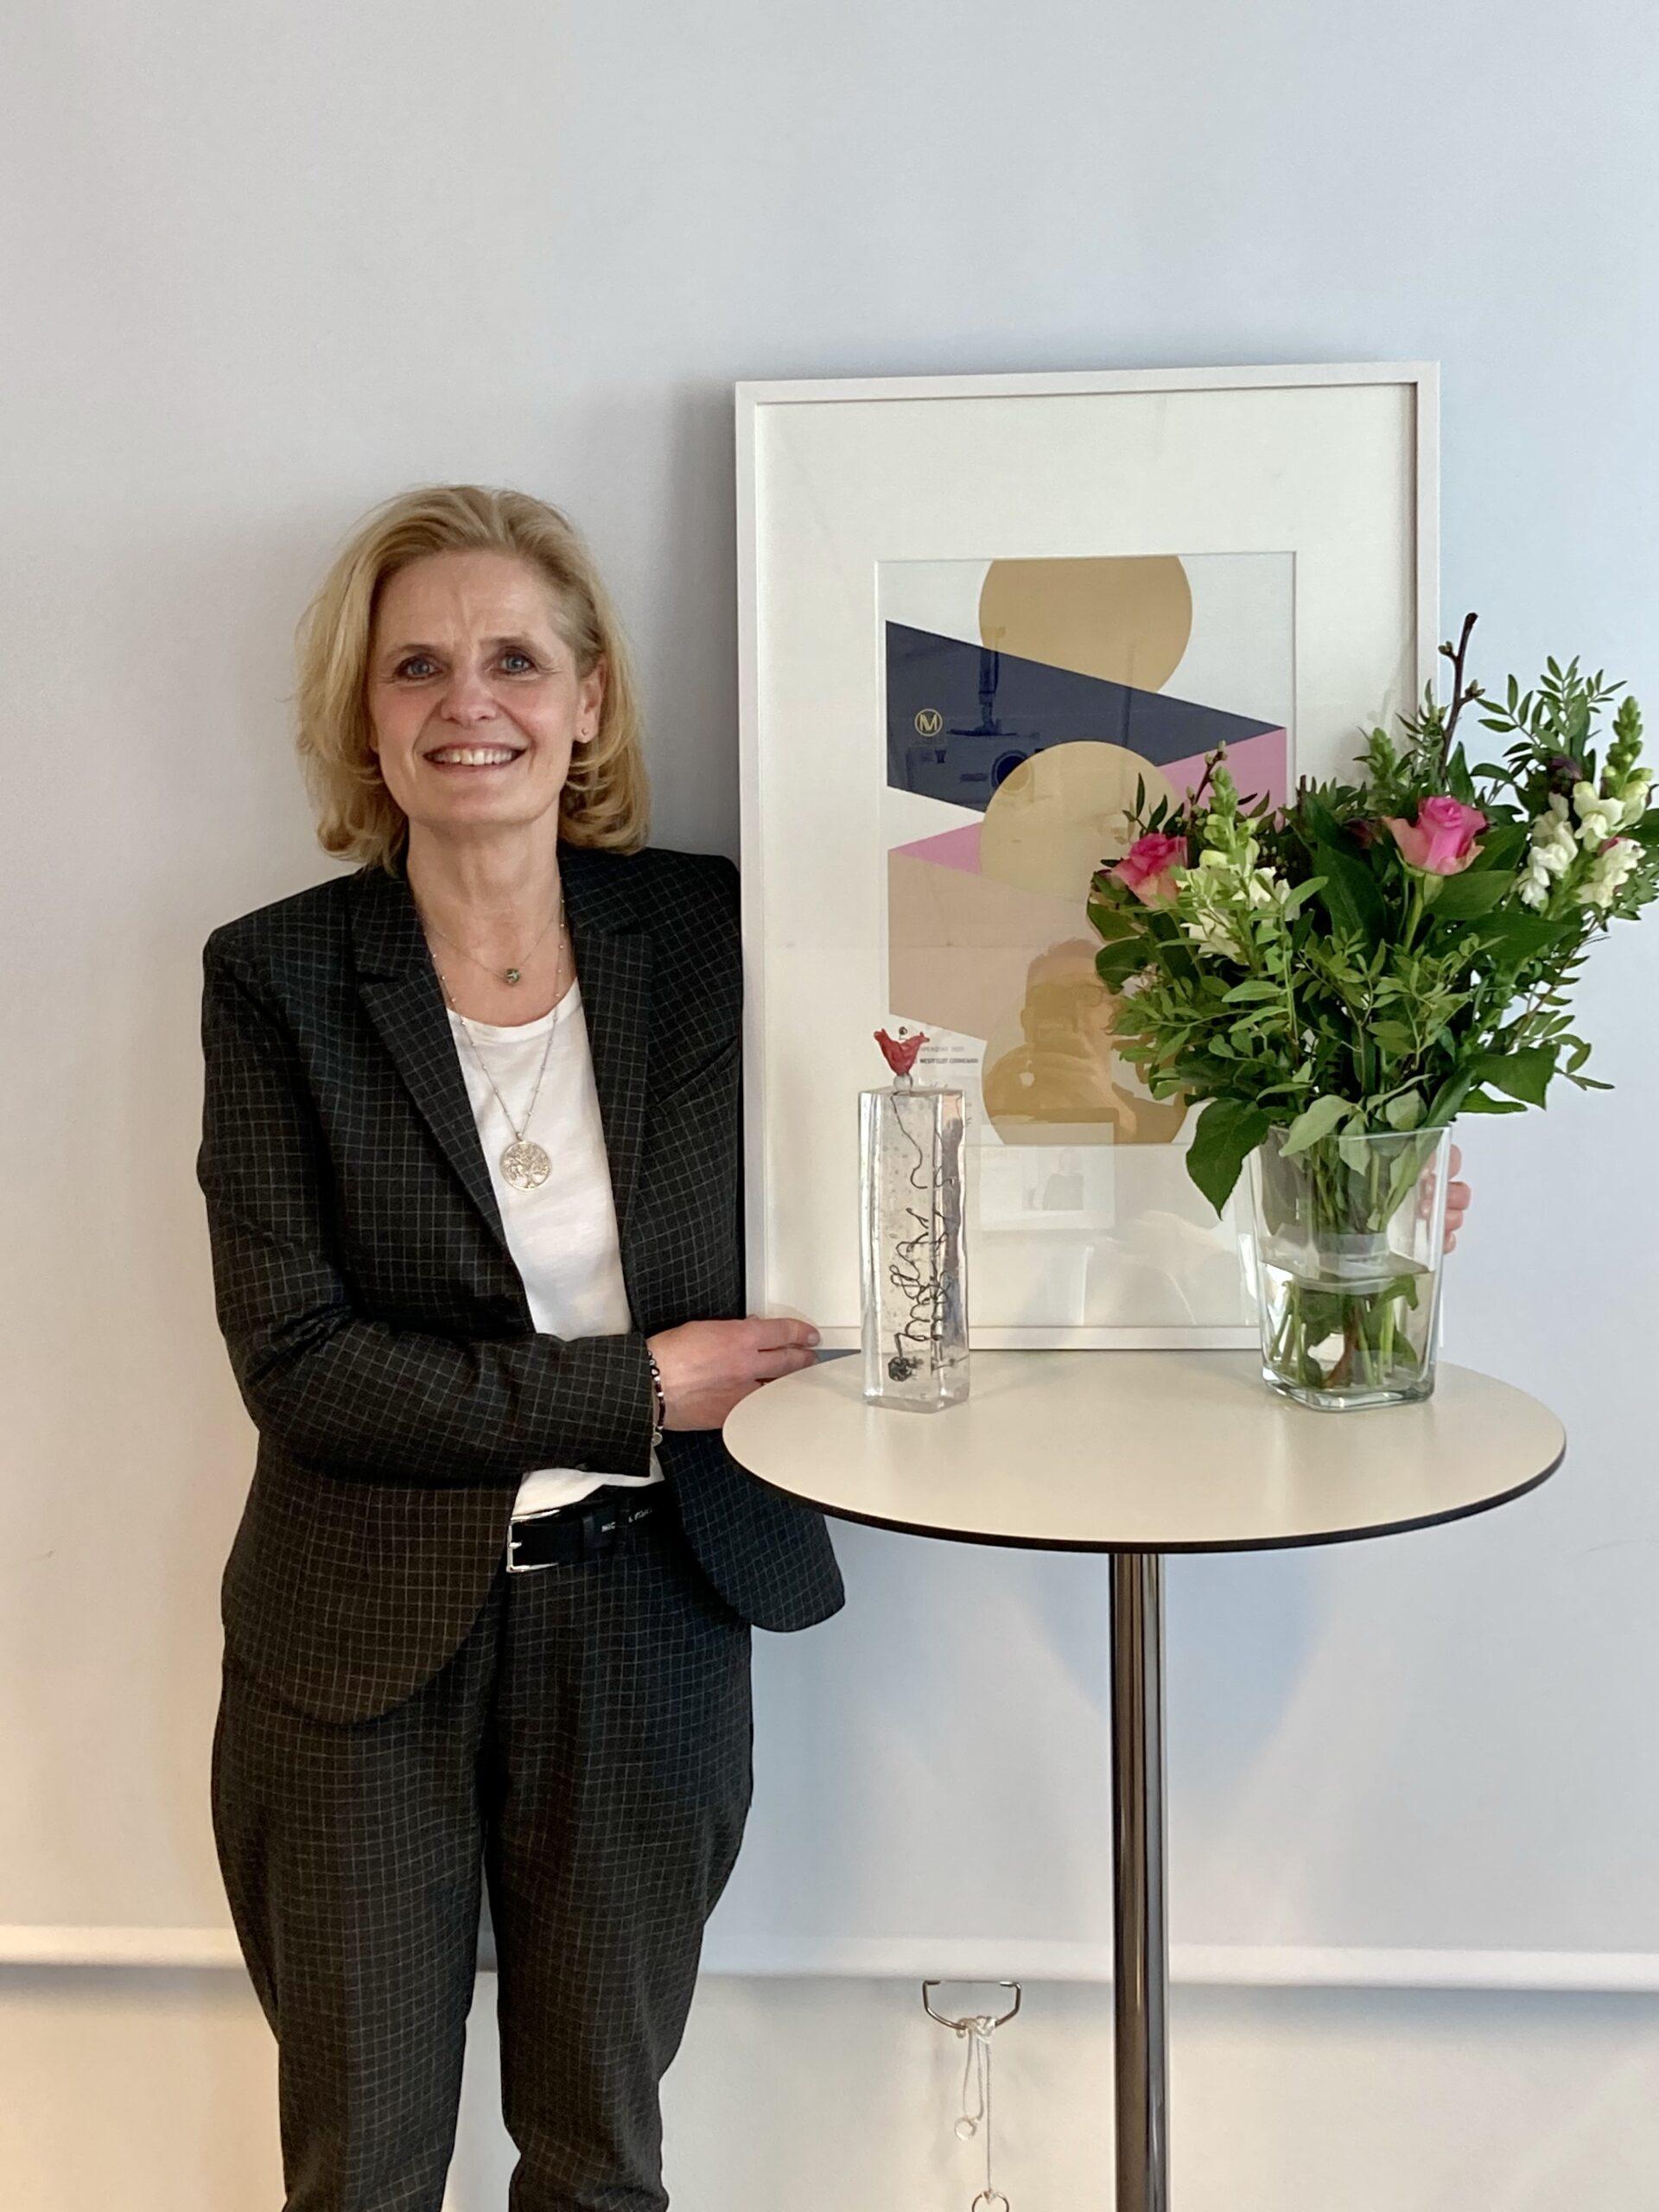 Maria Pihl-stipendiat med diplom och glaskonstverk